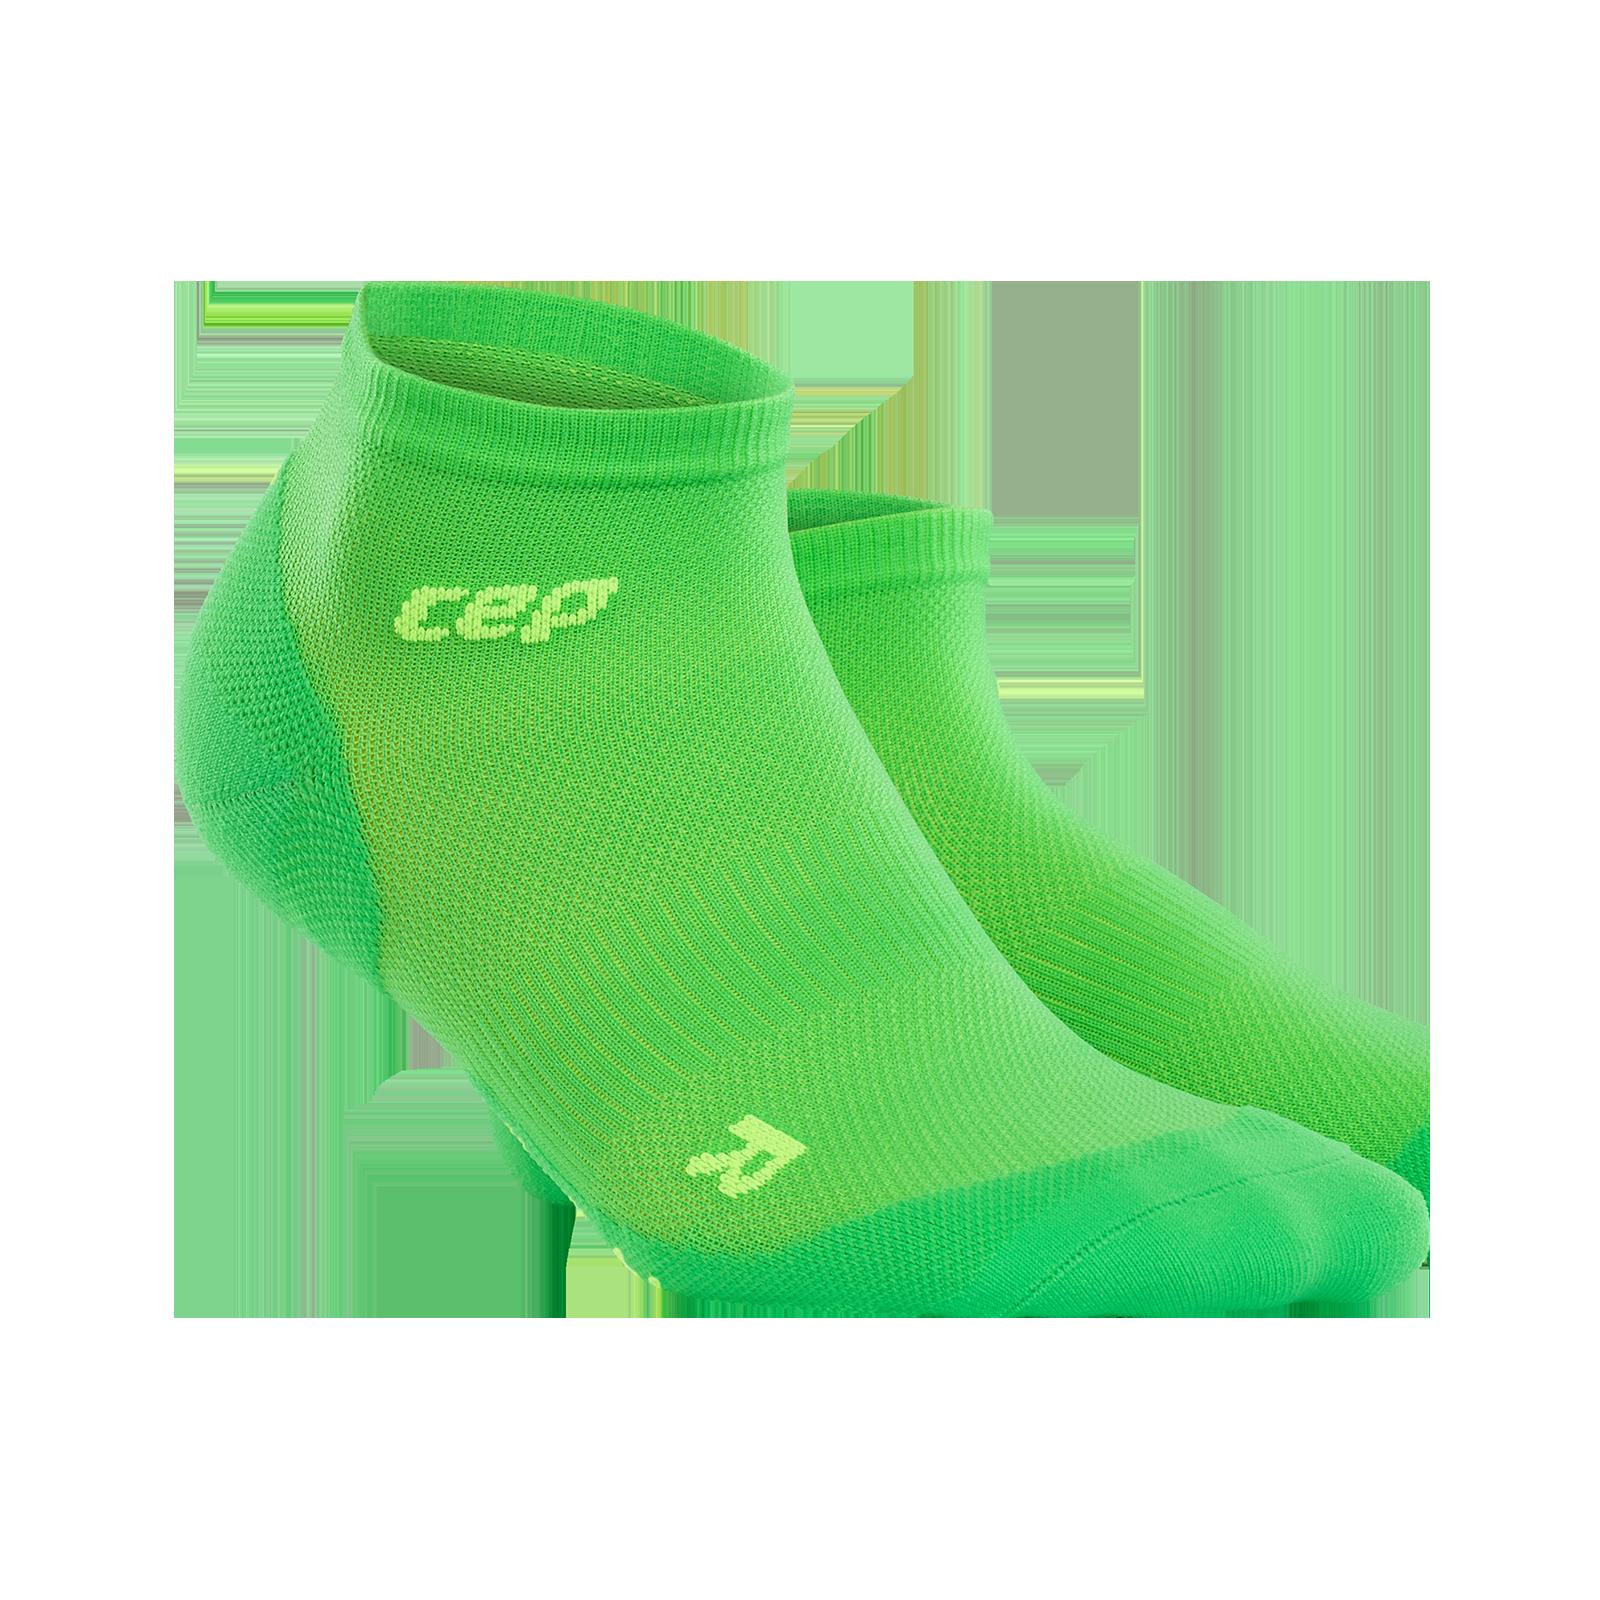 cep Men's Ultralight Low Cut Socks in Grün